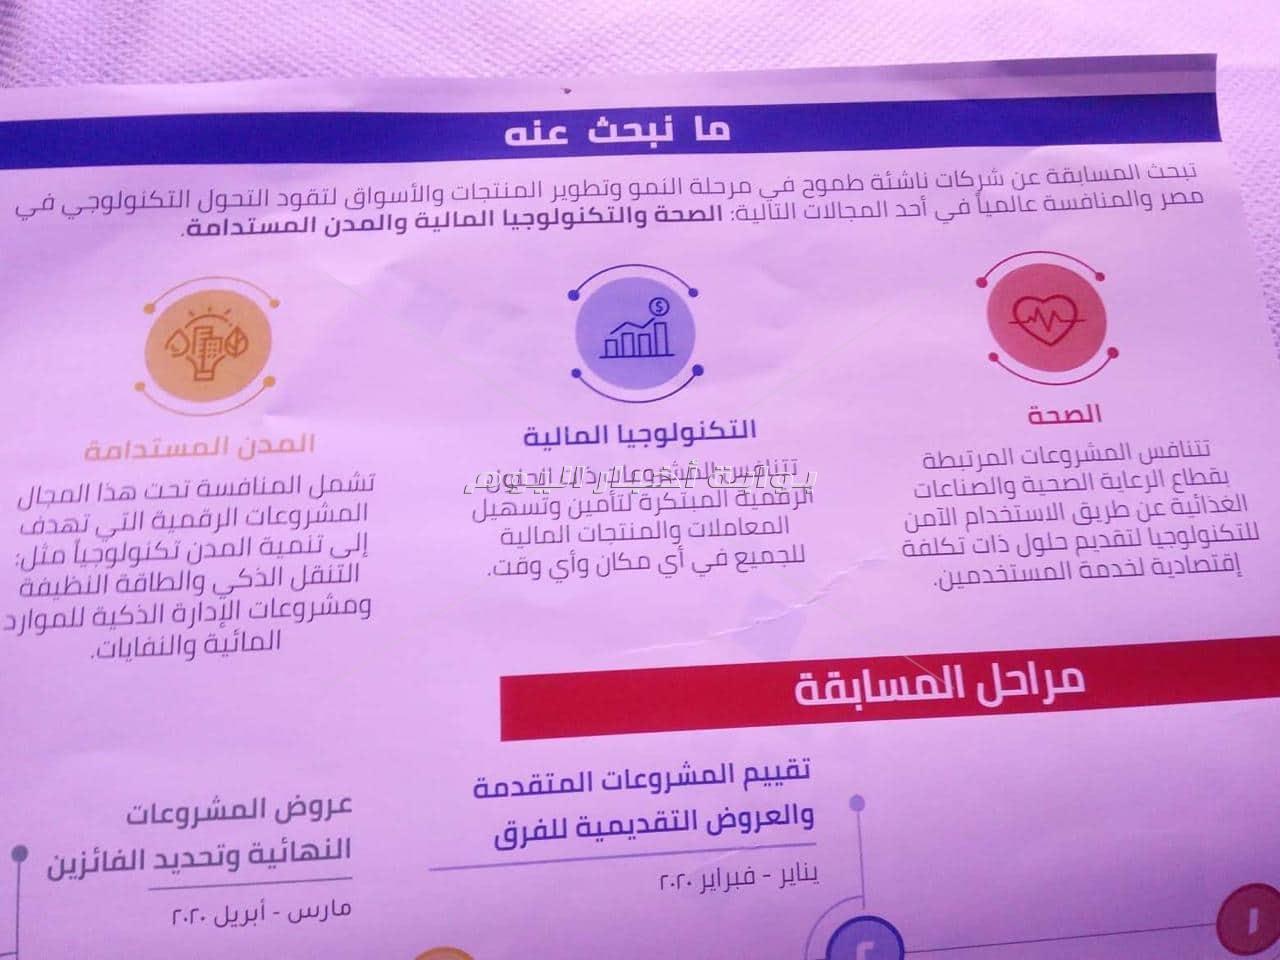 مسابقة مصرية فرنسية للشركات الناشئة في مصر